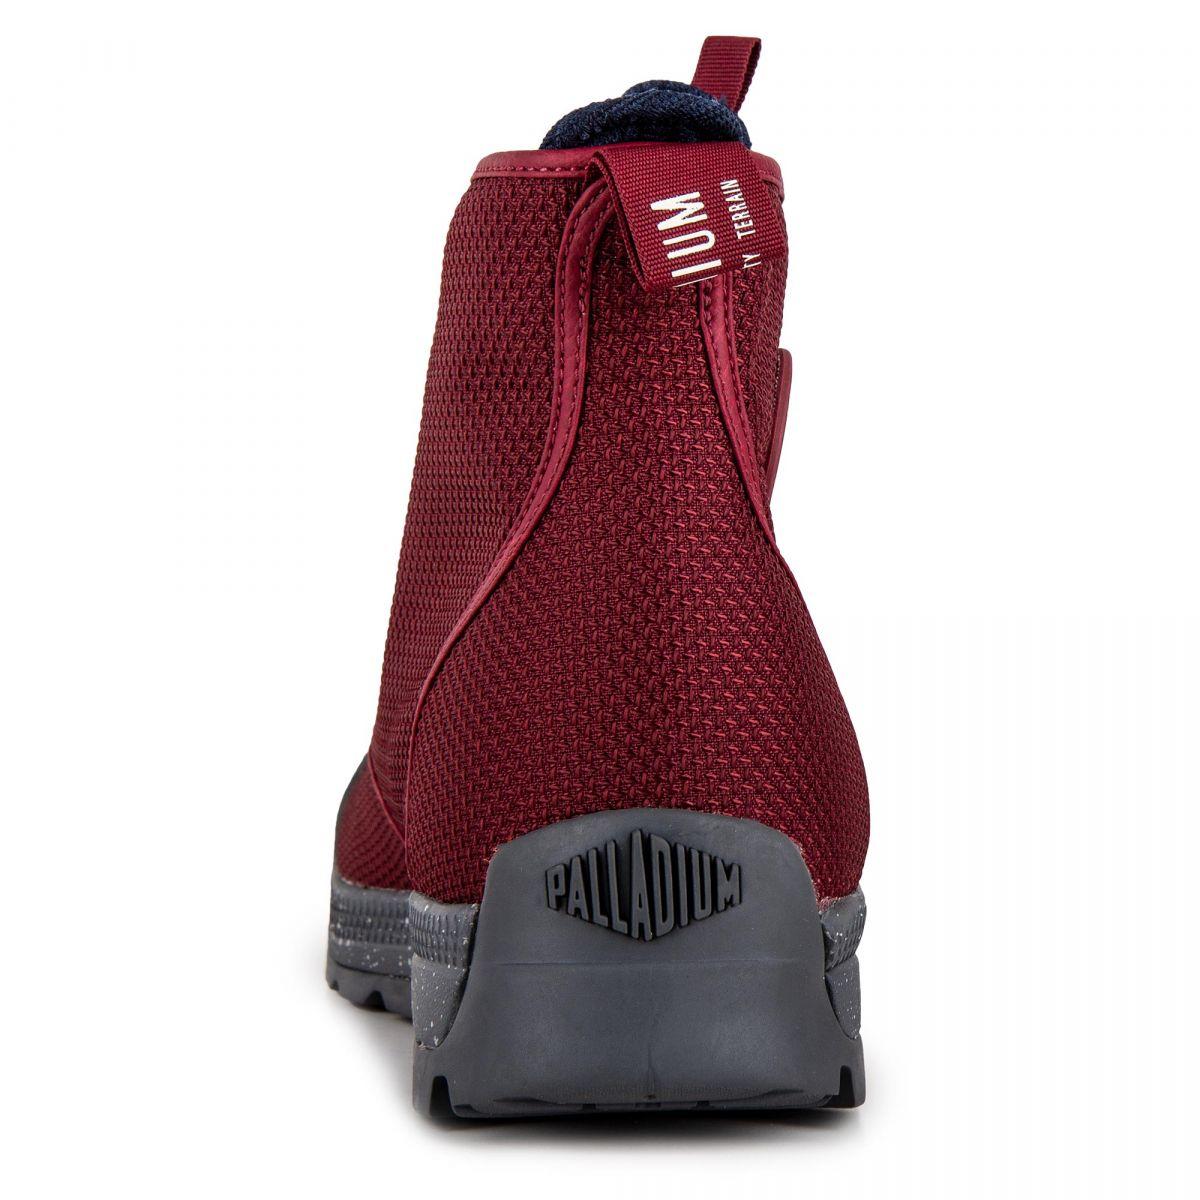 Montantes Rouge Chaussures Palladium Homme Pampatech Hi Tx À Prix n0wOPk8X